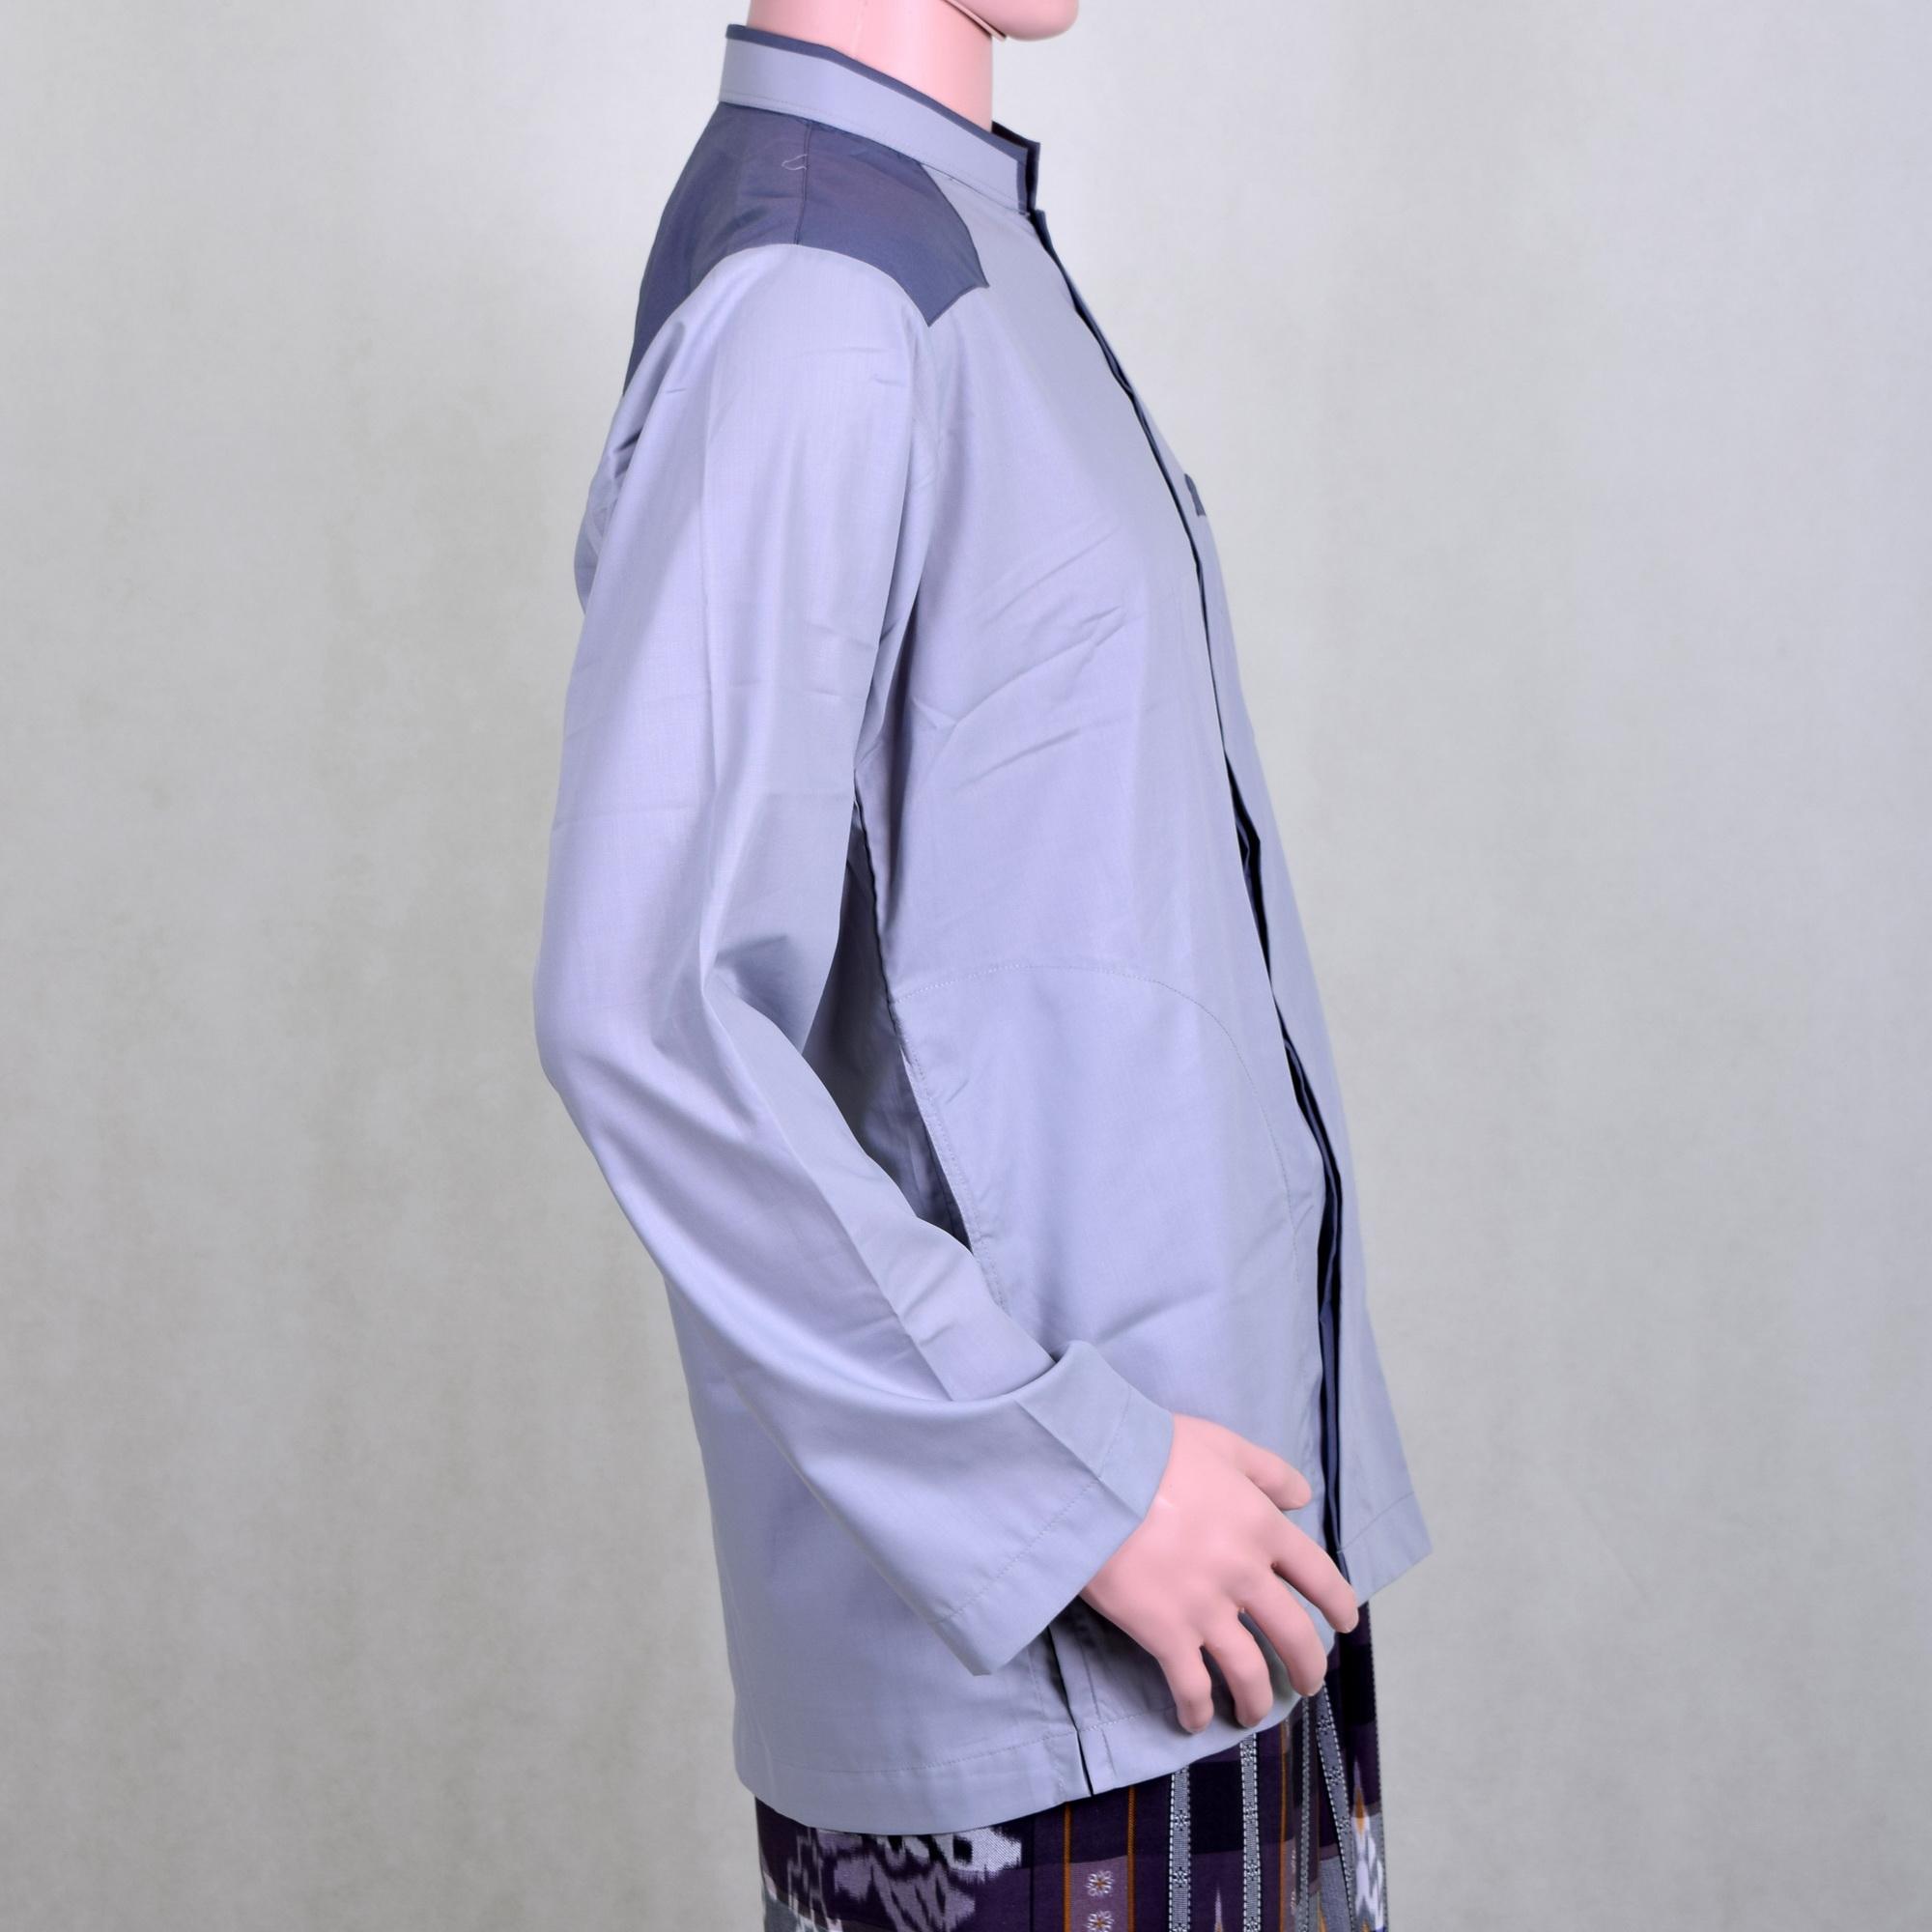 Cek Harga Baru Baju Koko Pria Abu Kombinasi Murah Berkualitas Lengan Panjang Abu2 Tua Keren Dan Berwibawa 4